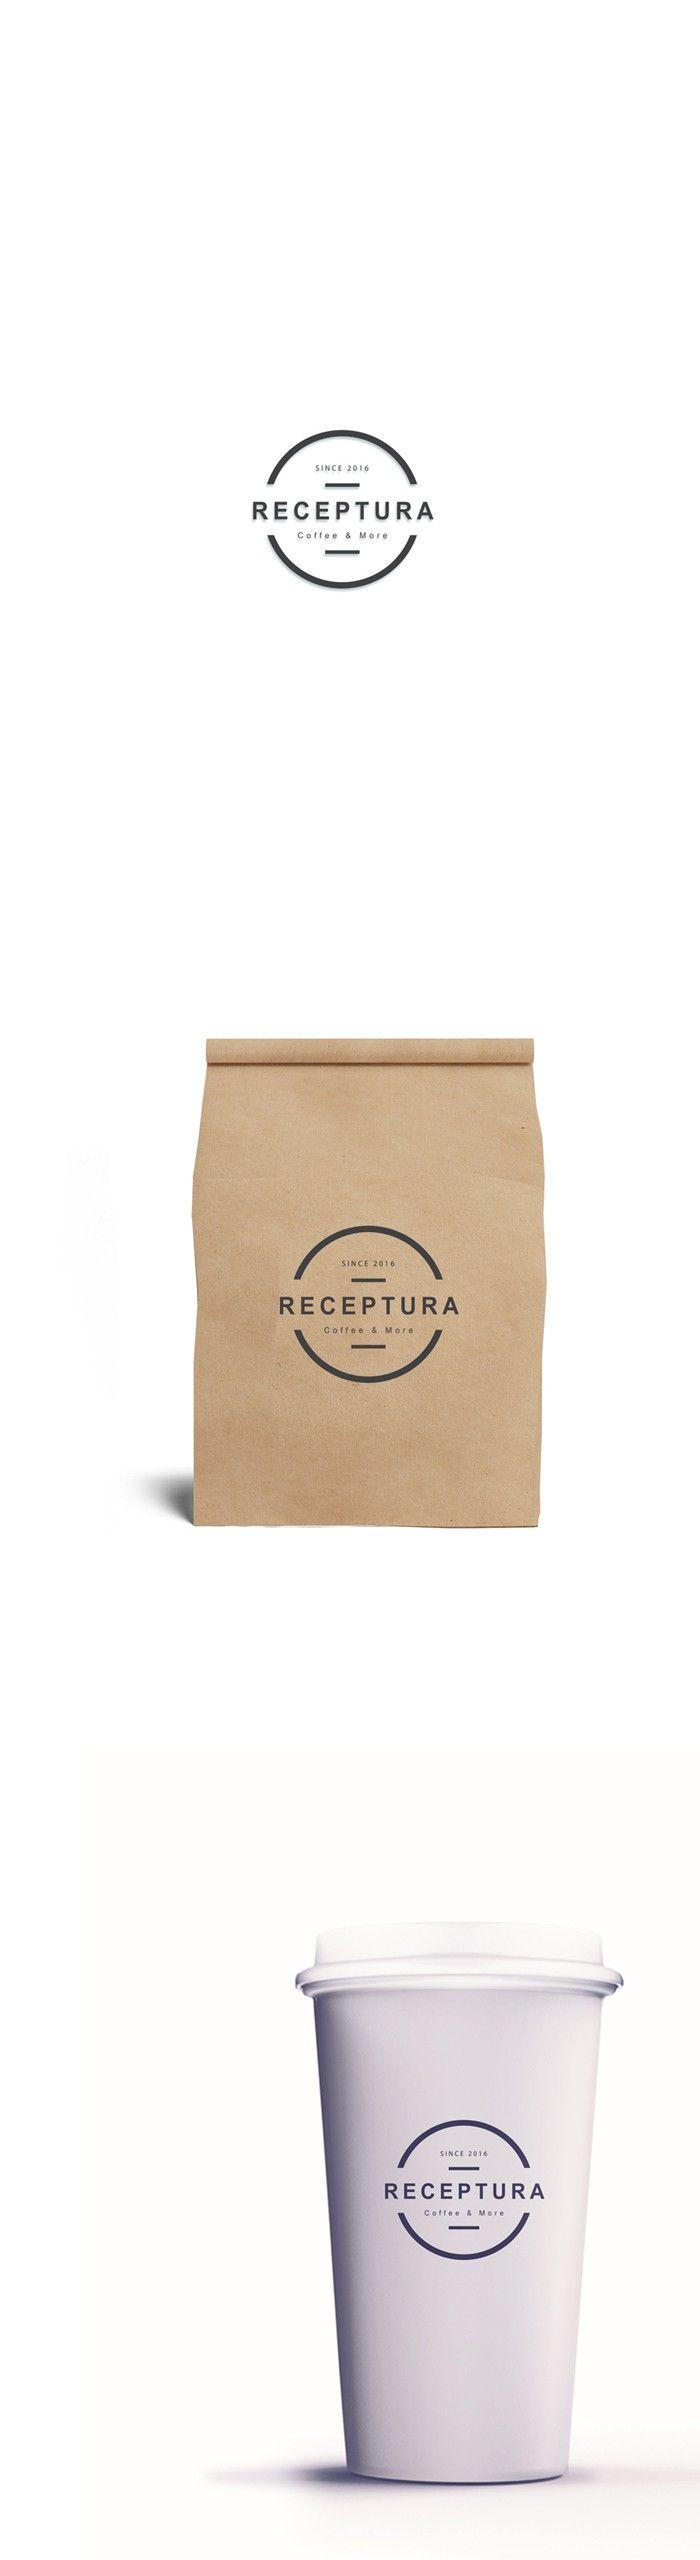 Praca nr 299820 w konkursie Logo dla nowej kawiarni w centrum Krakowa RECEPTURA | Corton.pl